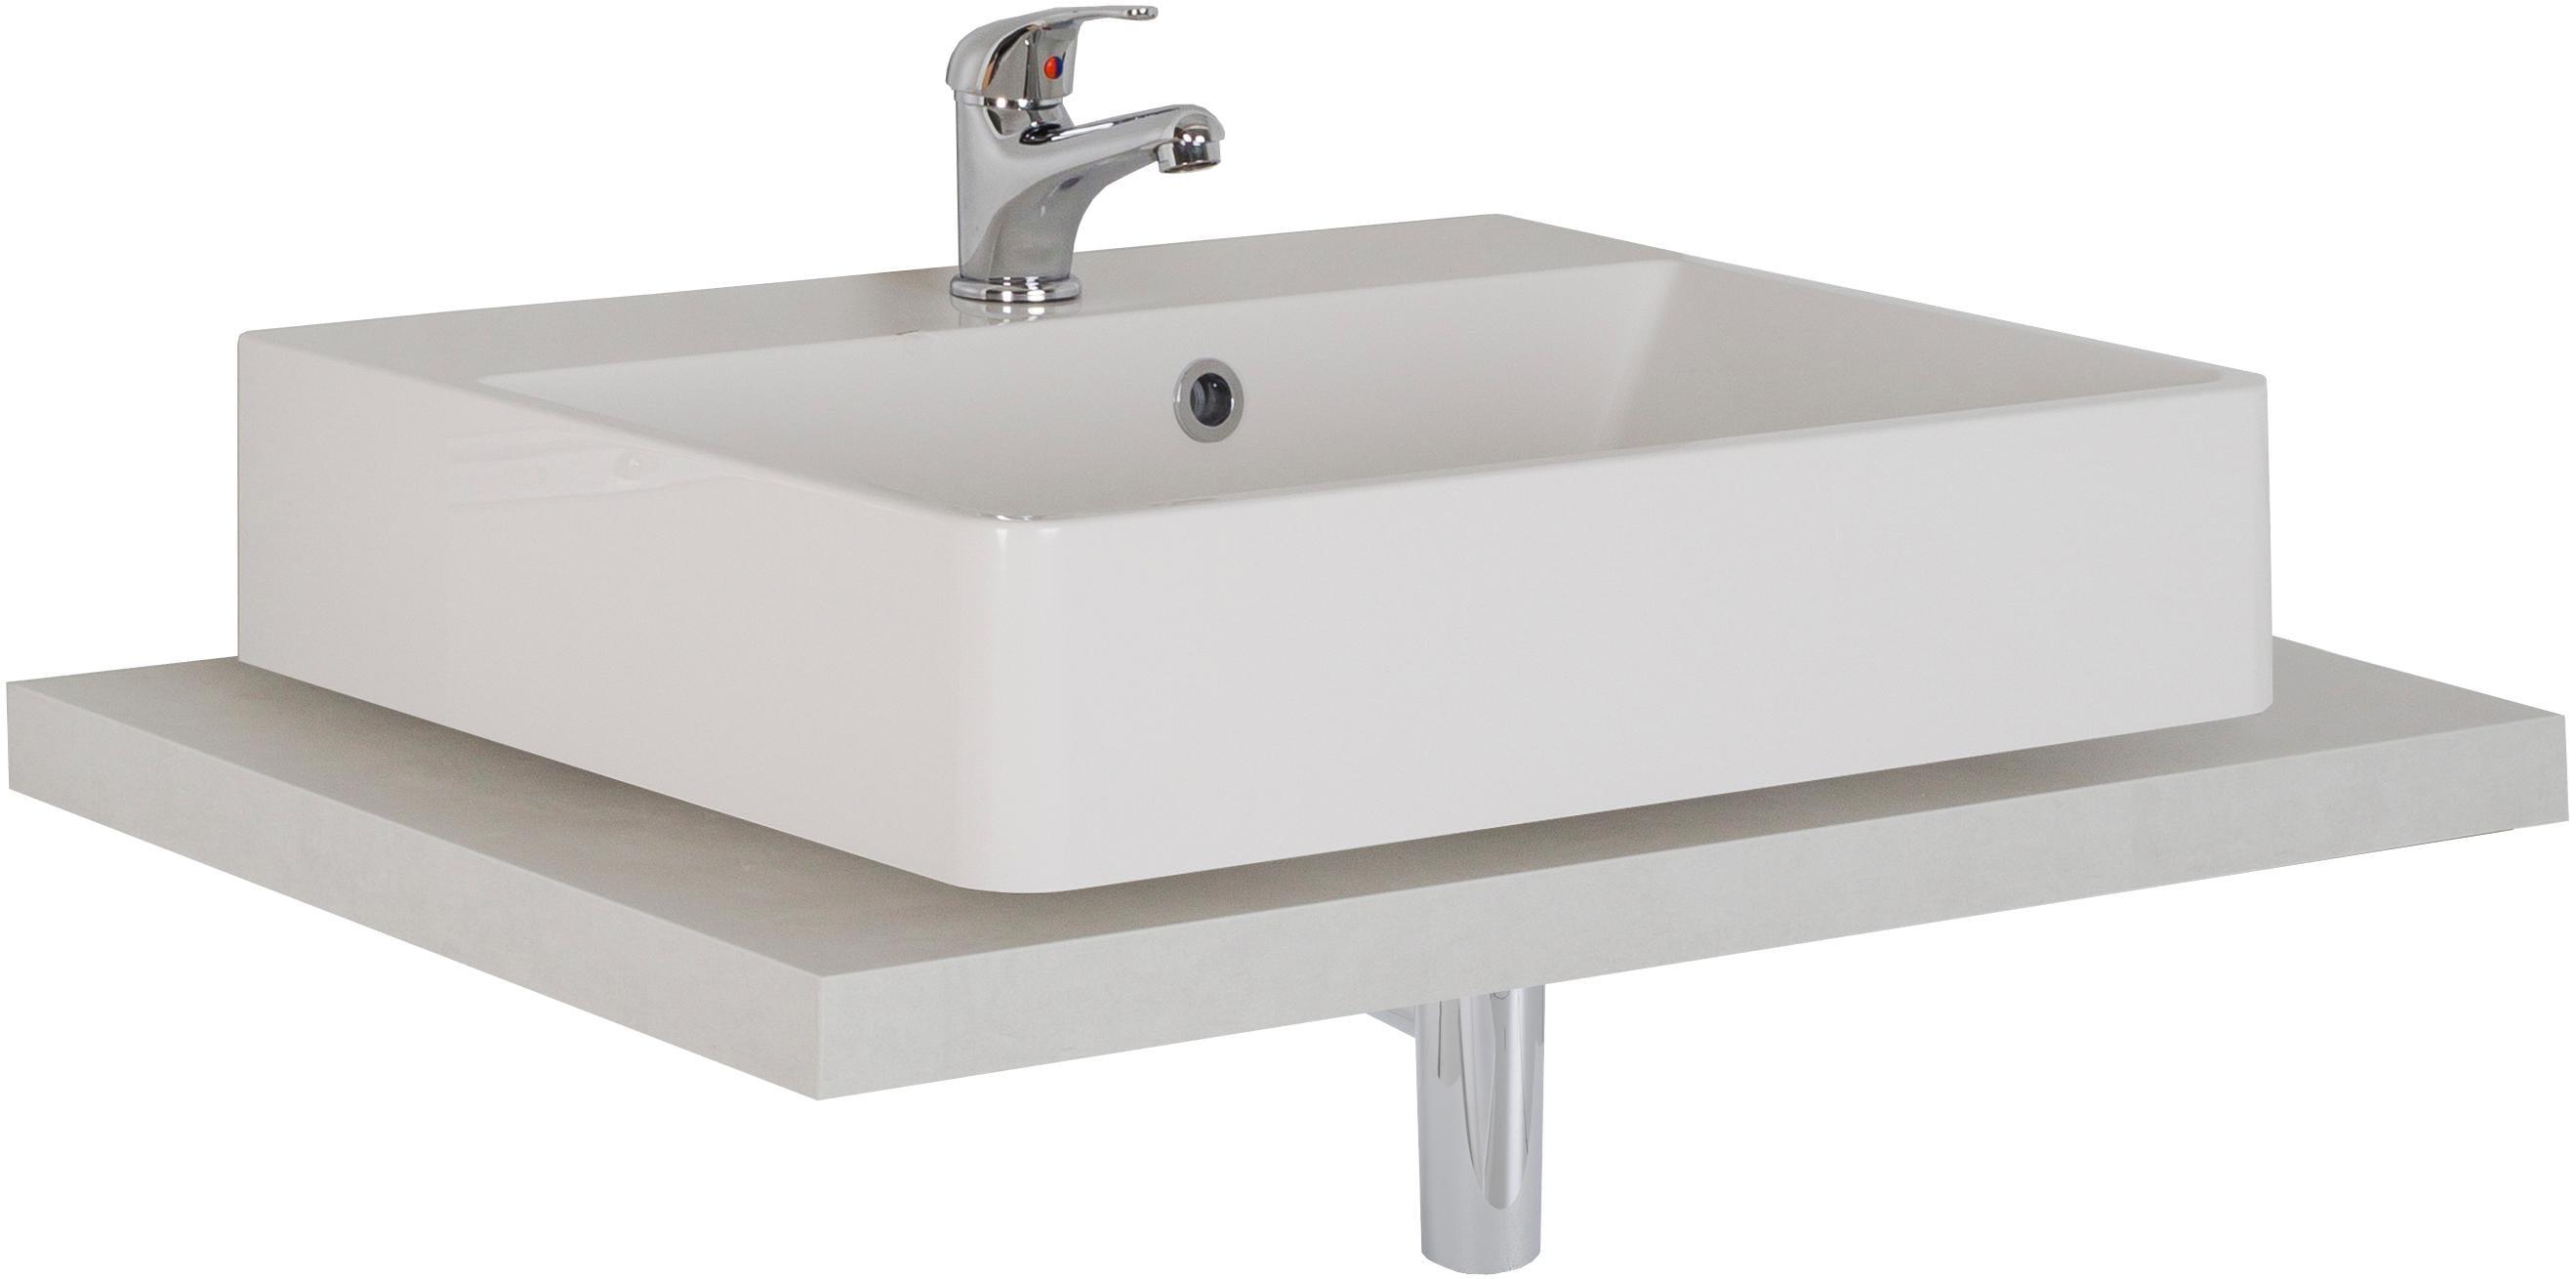 MARLIN Waschtisch, Laos 3110 weiß Waschtische Badmöbel